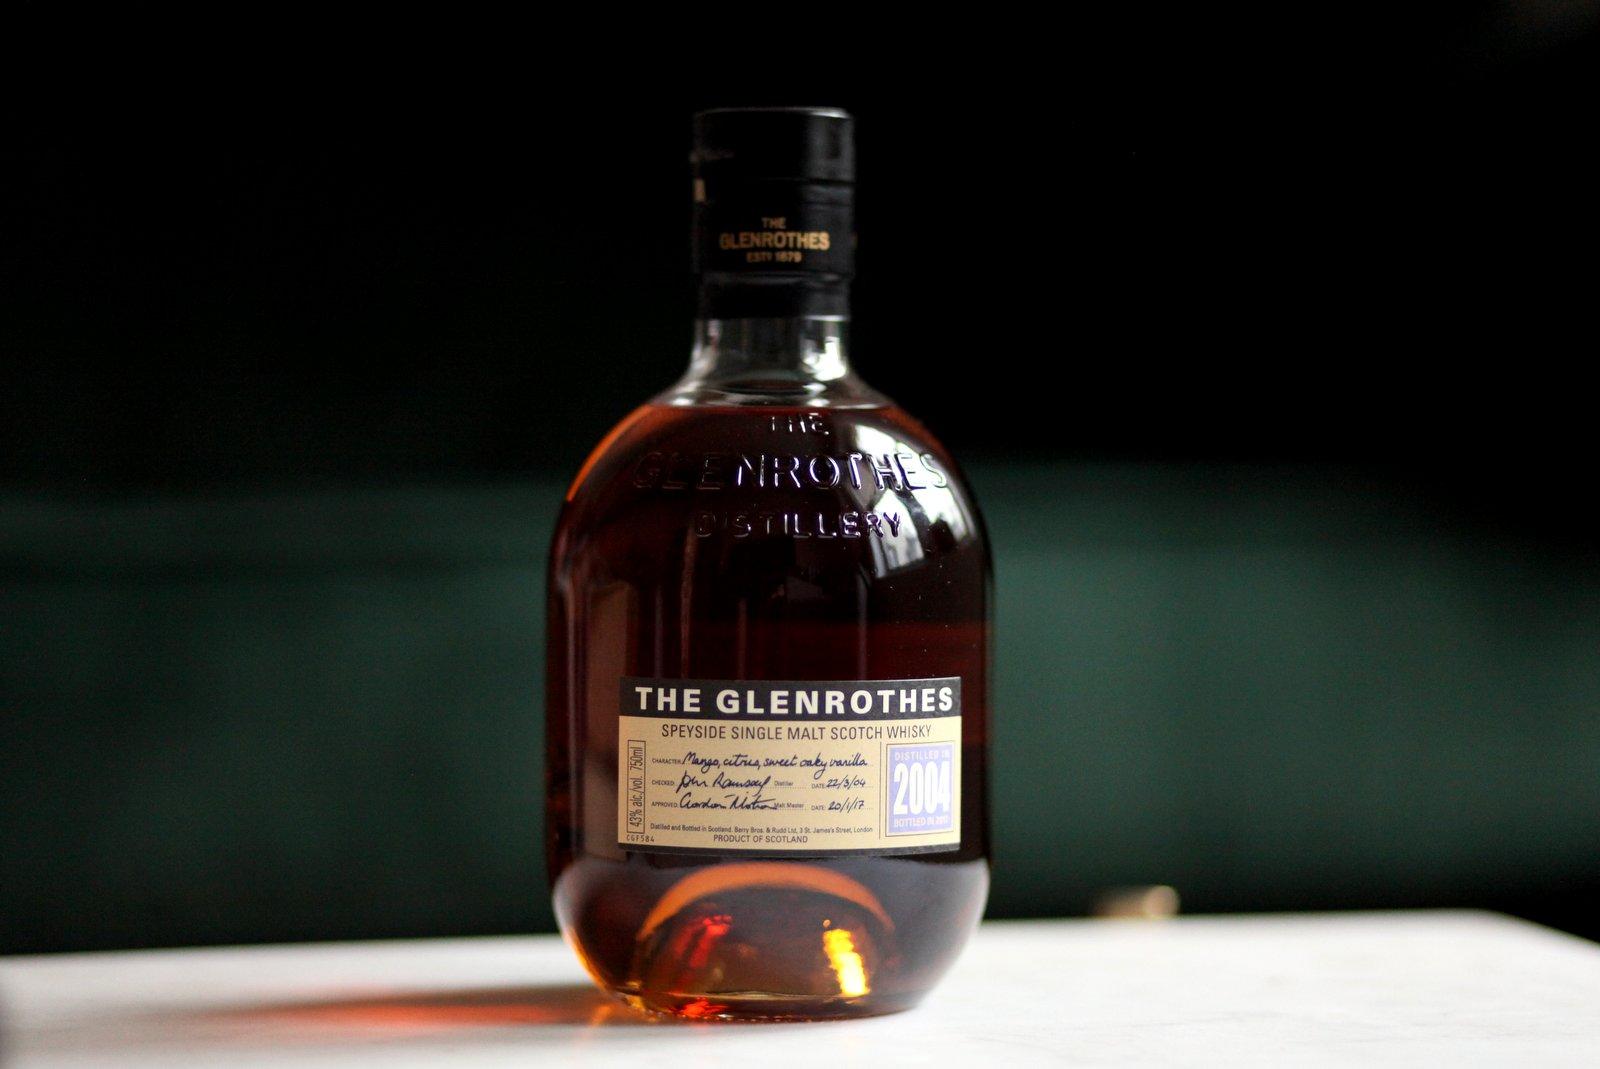 Glenrothes Vintage 2004 Single Malt Scotch Whisky